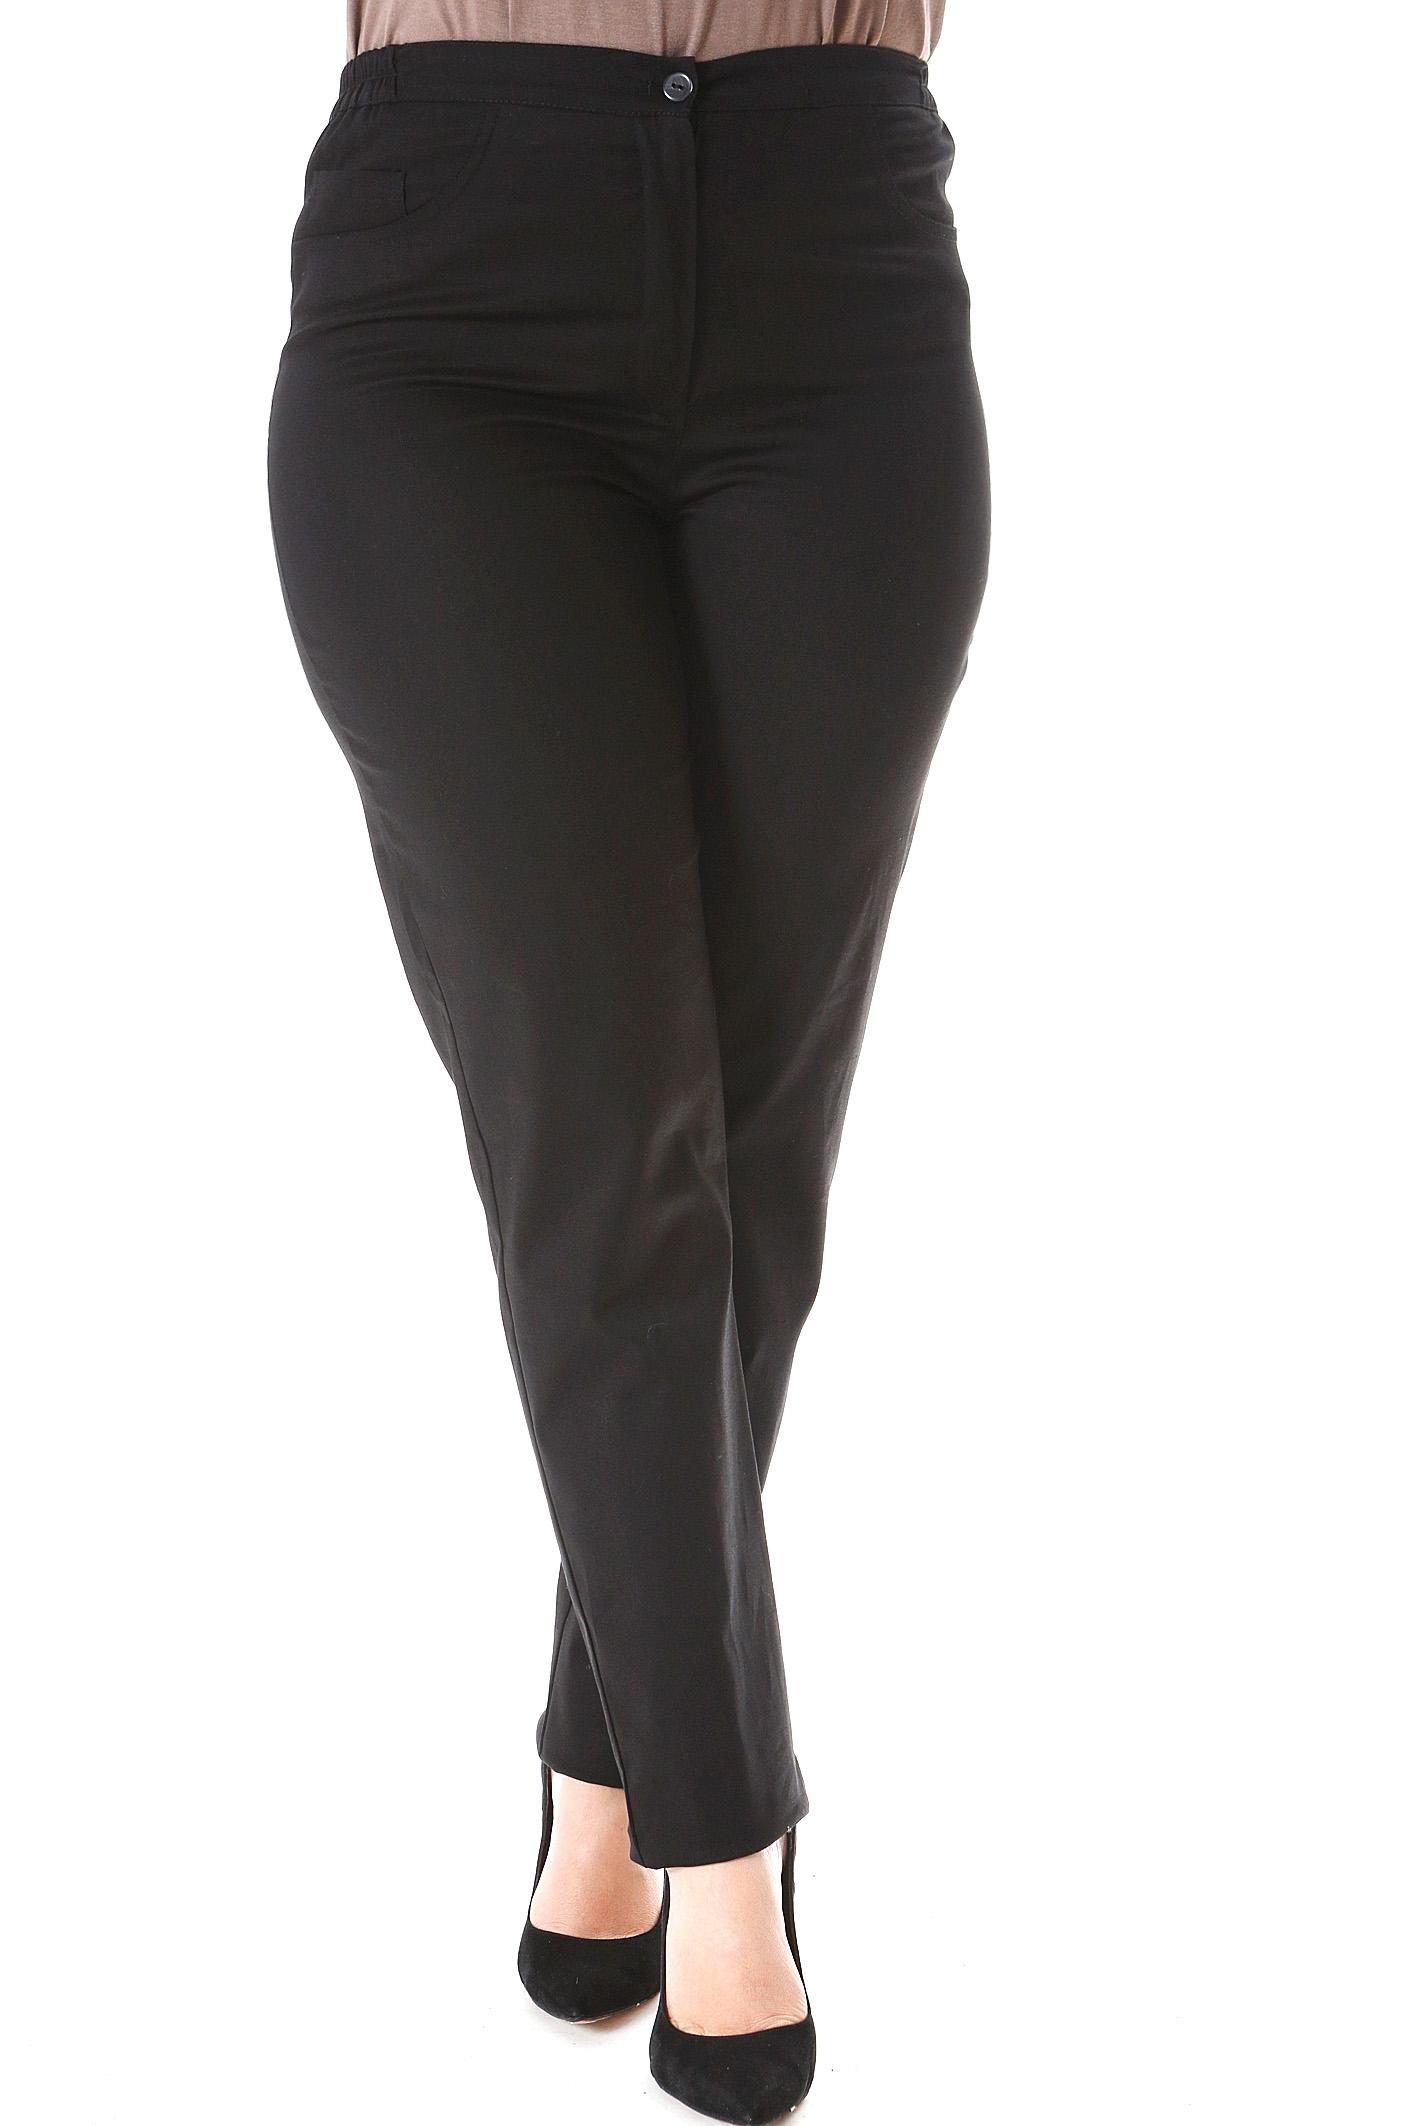 Παντελόνι κλείνει με μονοκούμπι Ίσια γραμμή Ελαστικό Μαύρο χρώμα Διαθέσιμα μεγέθη από 2 έως 6. Το μοντέλο έχει ύψος 1.75cm και φοράει μέγεθος 2.